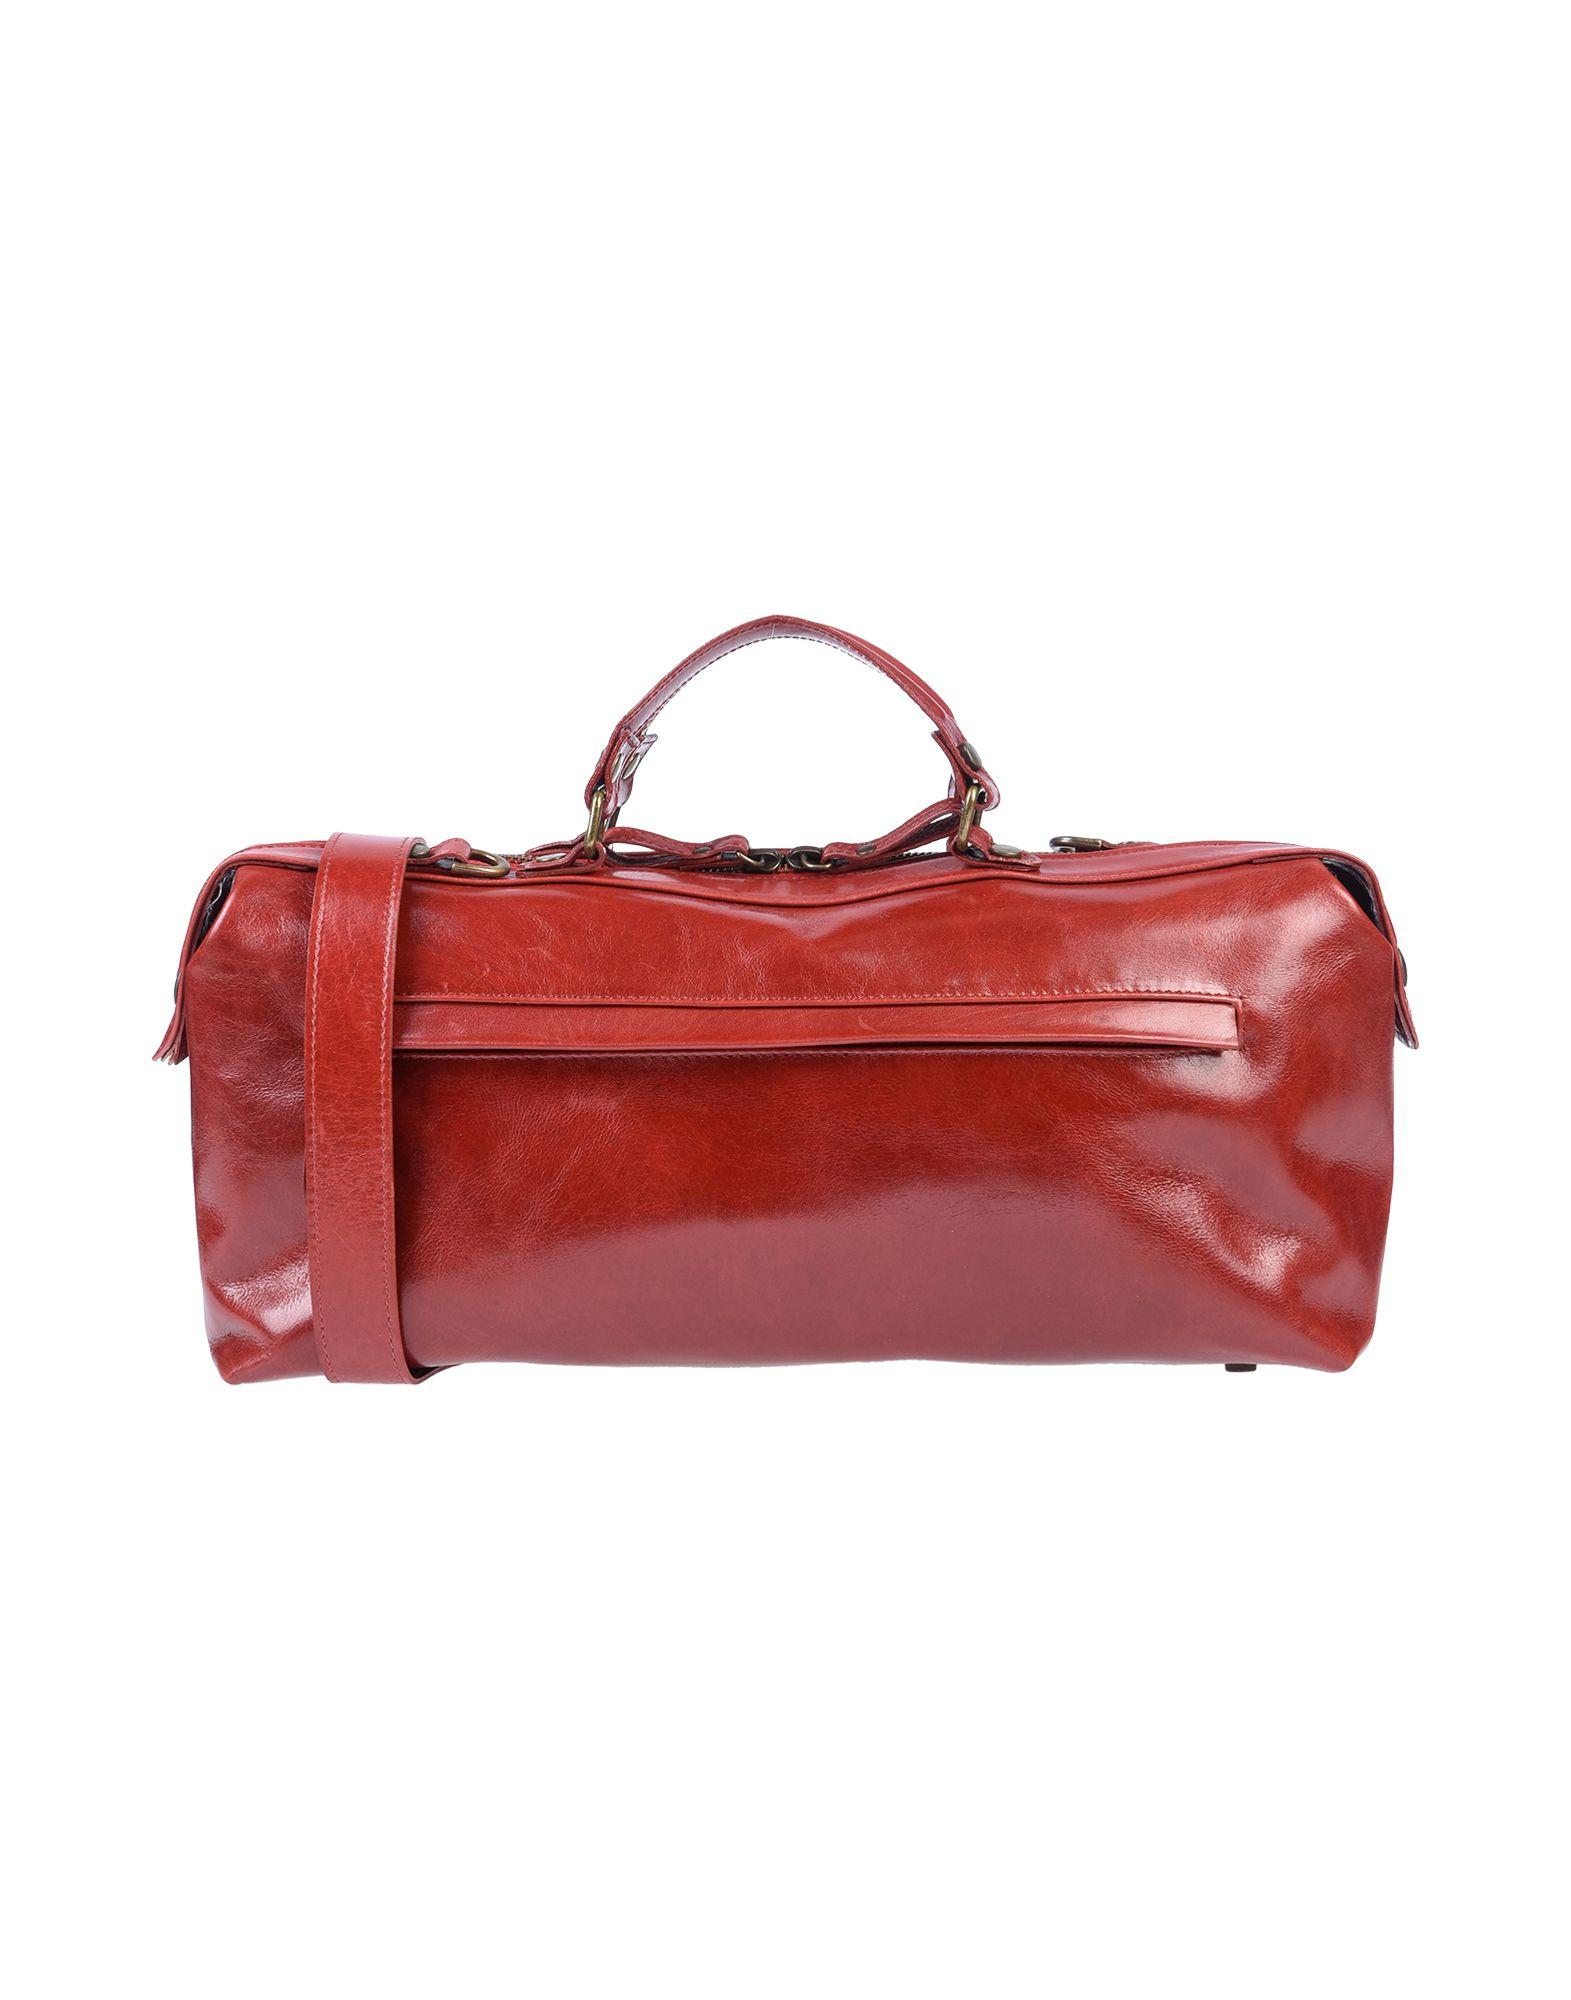 Фото - CORSIA Сумка на руку corsia сумка на руку